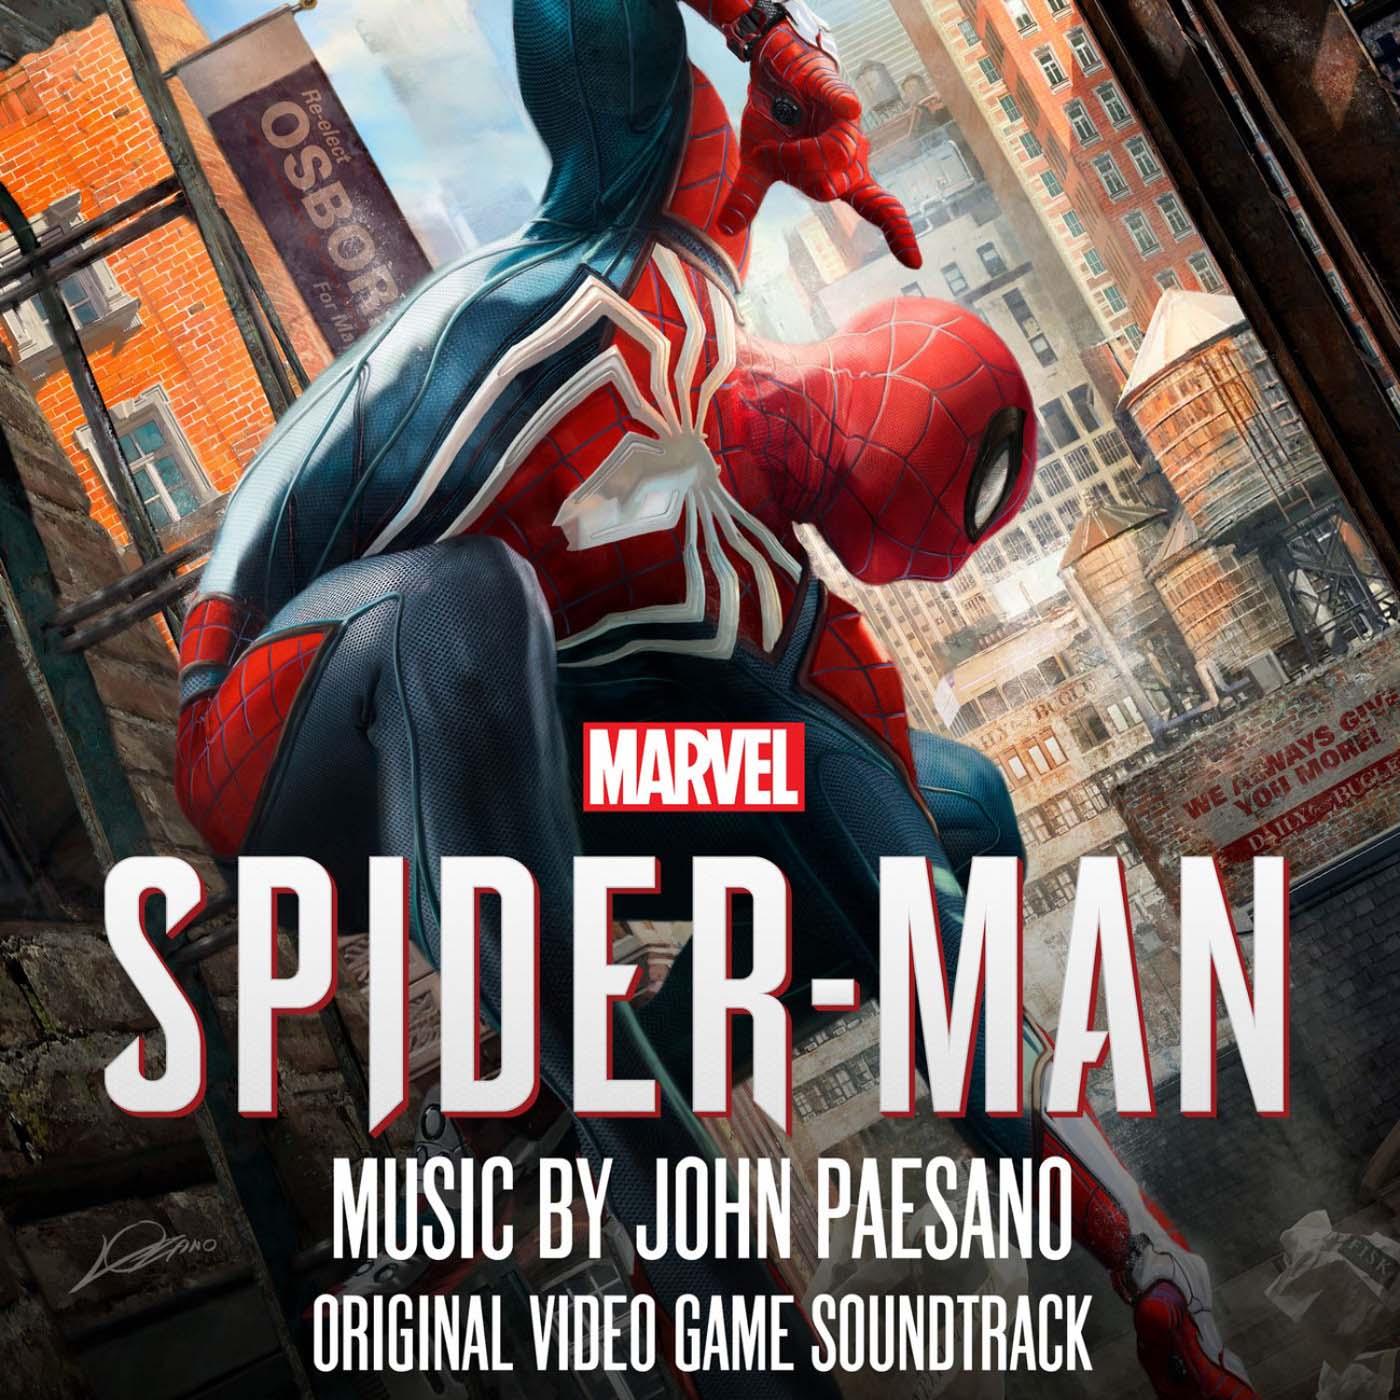 دانلود موسیقی متن بازی اسپایدرمن - Marvel's Spider-Man